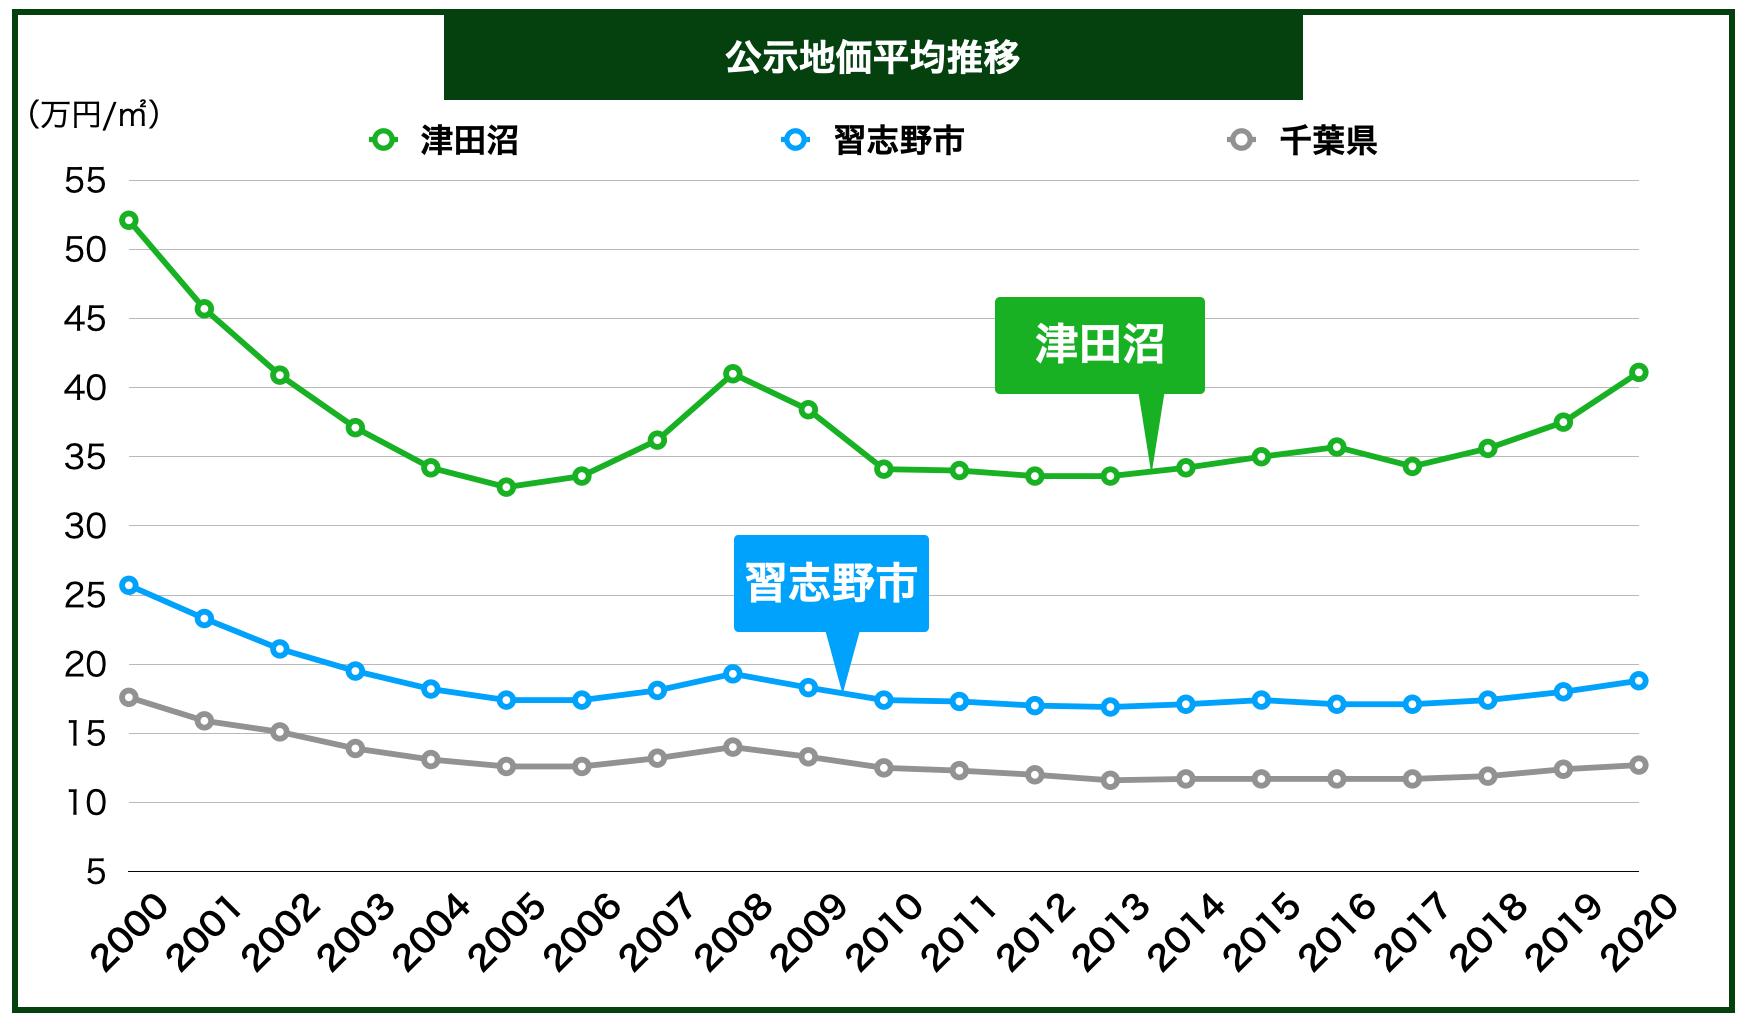 津田沼の公示地価の推移